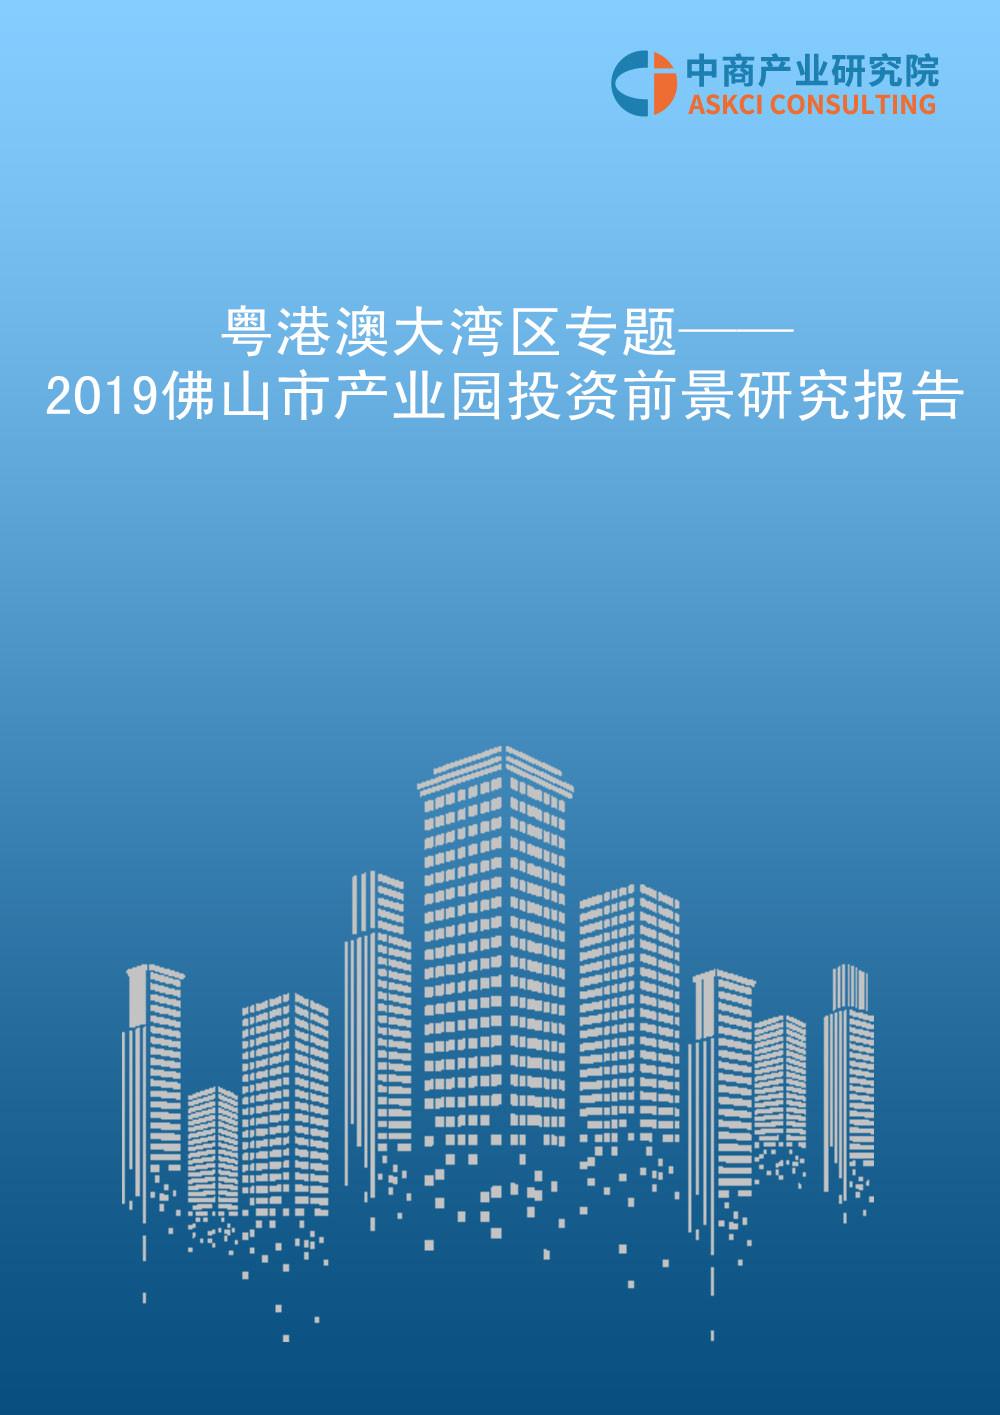 粤港澳大湾区专题—2019佛山市产业园投?#26159;?#26223;研究报告